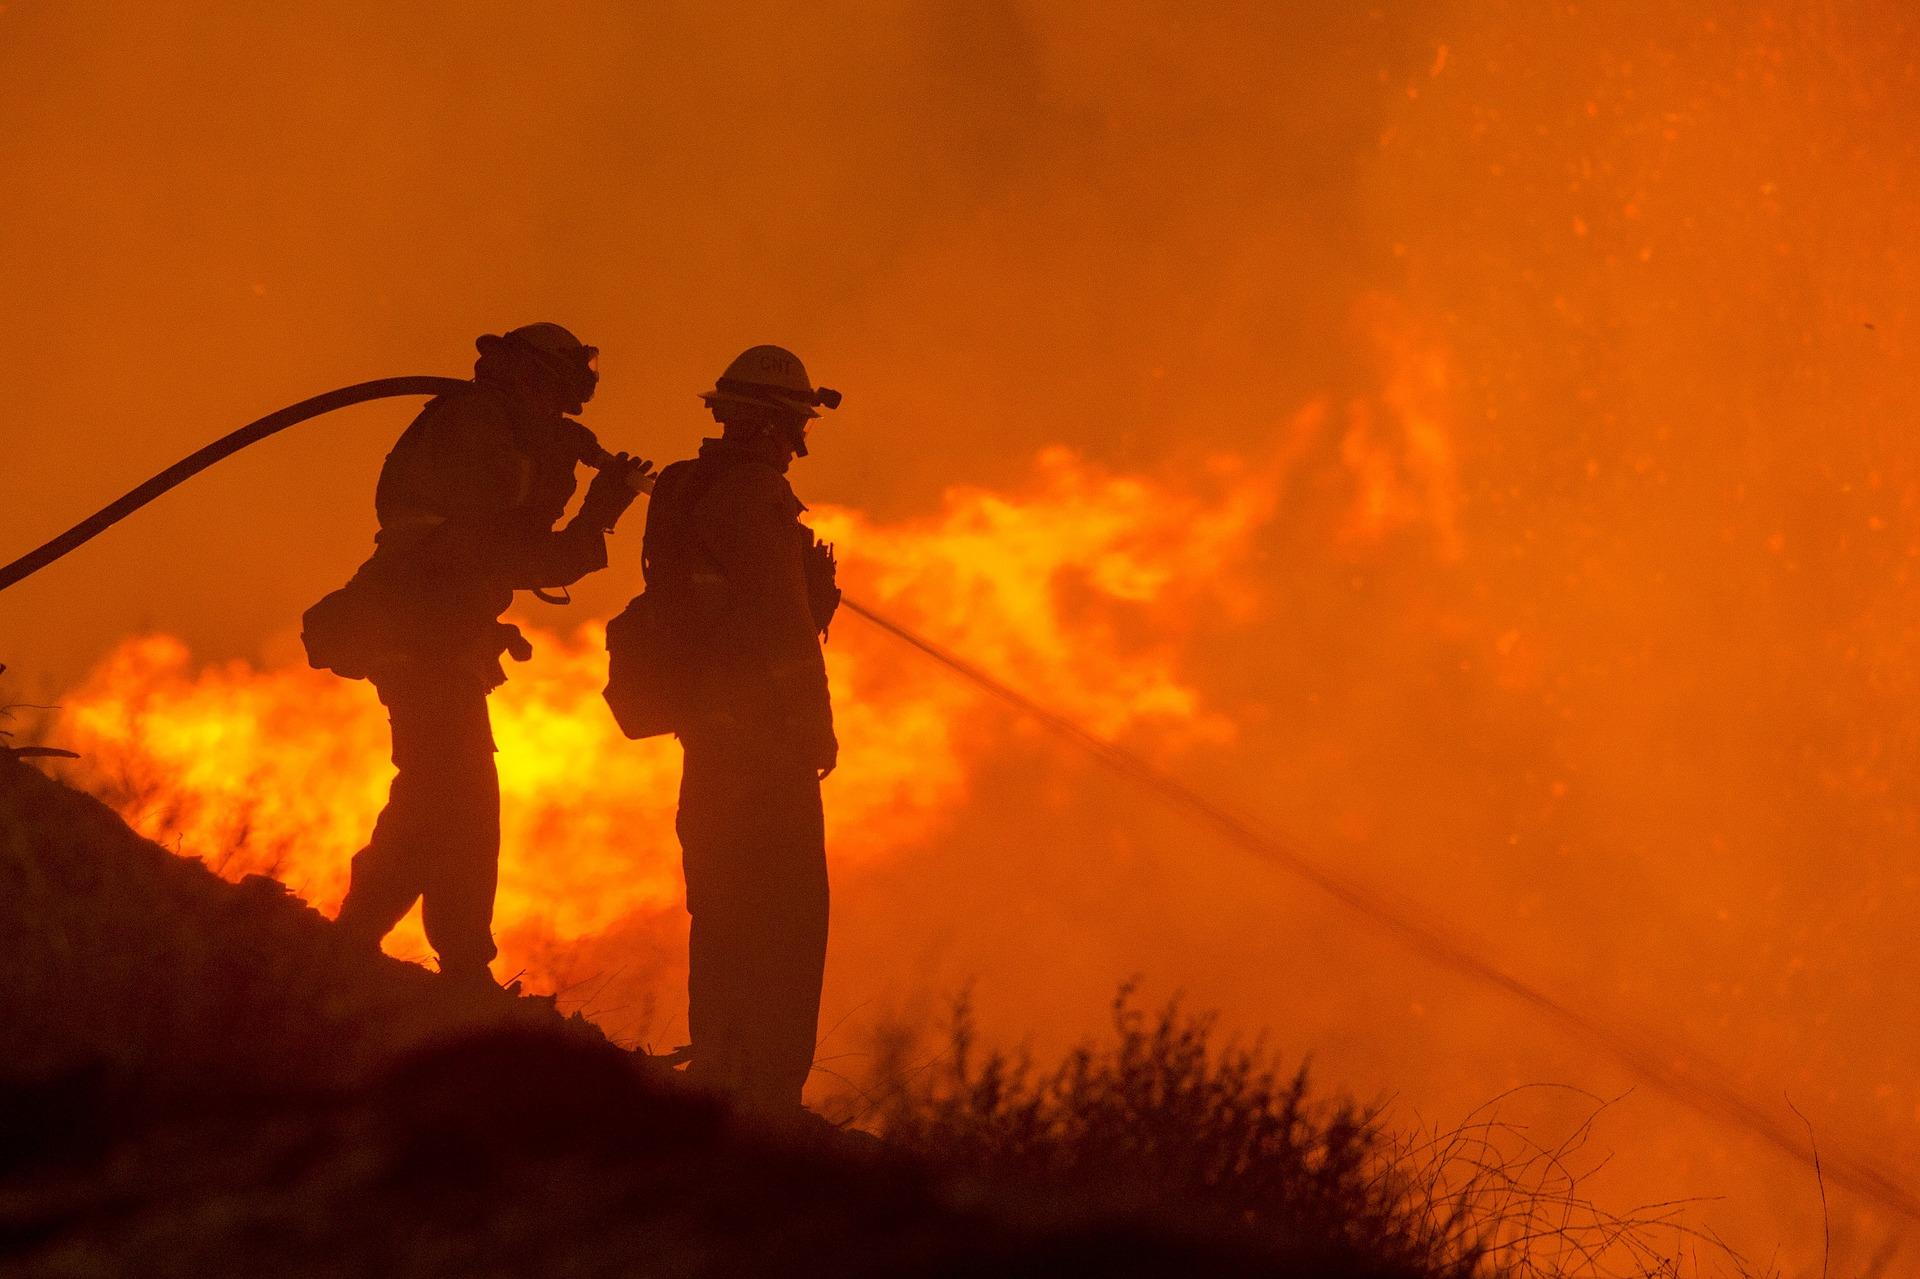 Es ist heiß in Deutschland, zu heiß für unsere Wälder. Jetzt warnt der Verband der Waldeigentümer: Ein Waldbrand kann bei diesem Wetter schnell ausbrechen.